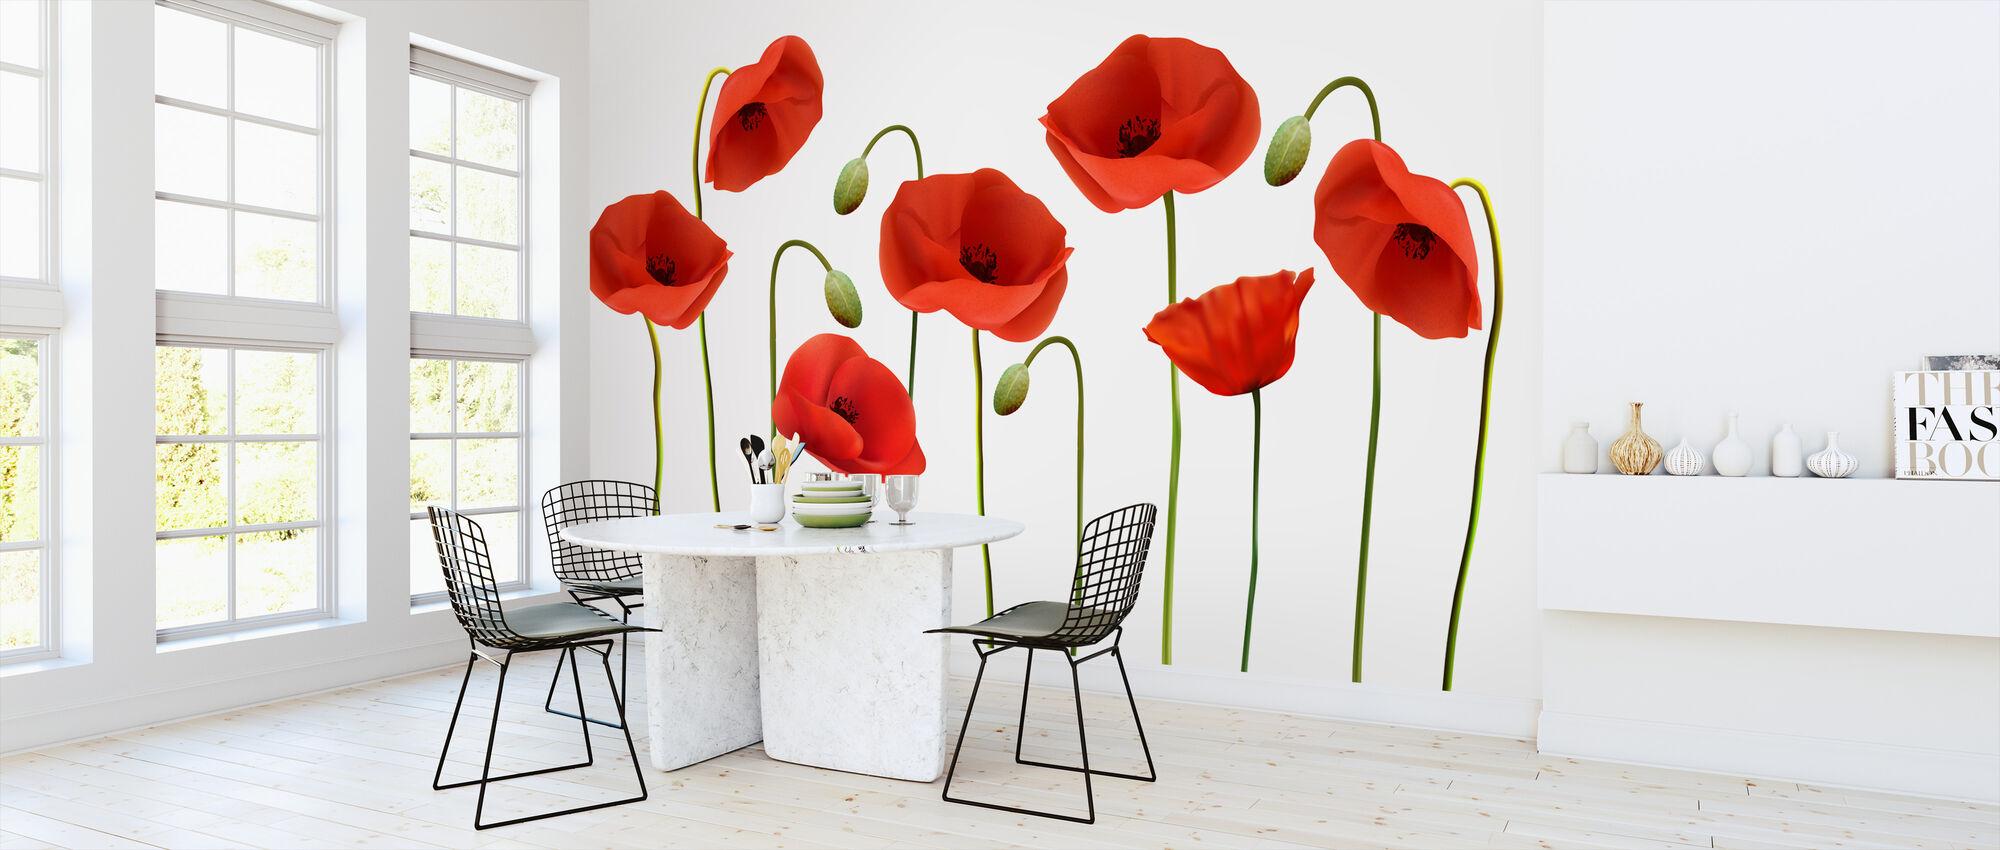 Red Poppies - Wallpaper - Kitchen